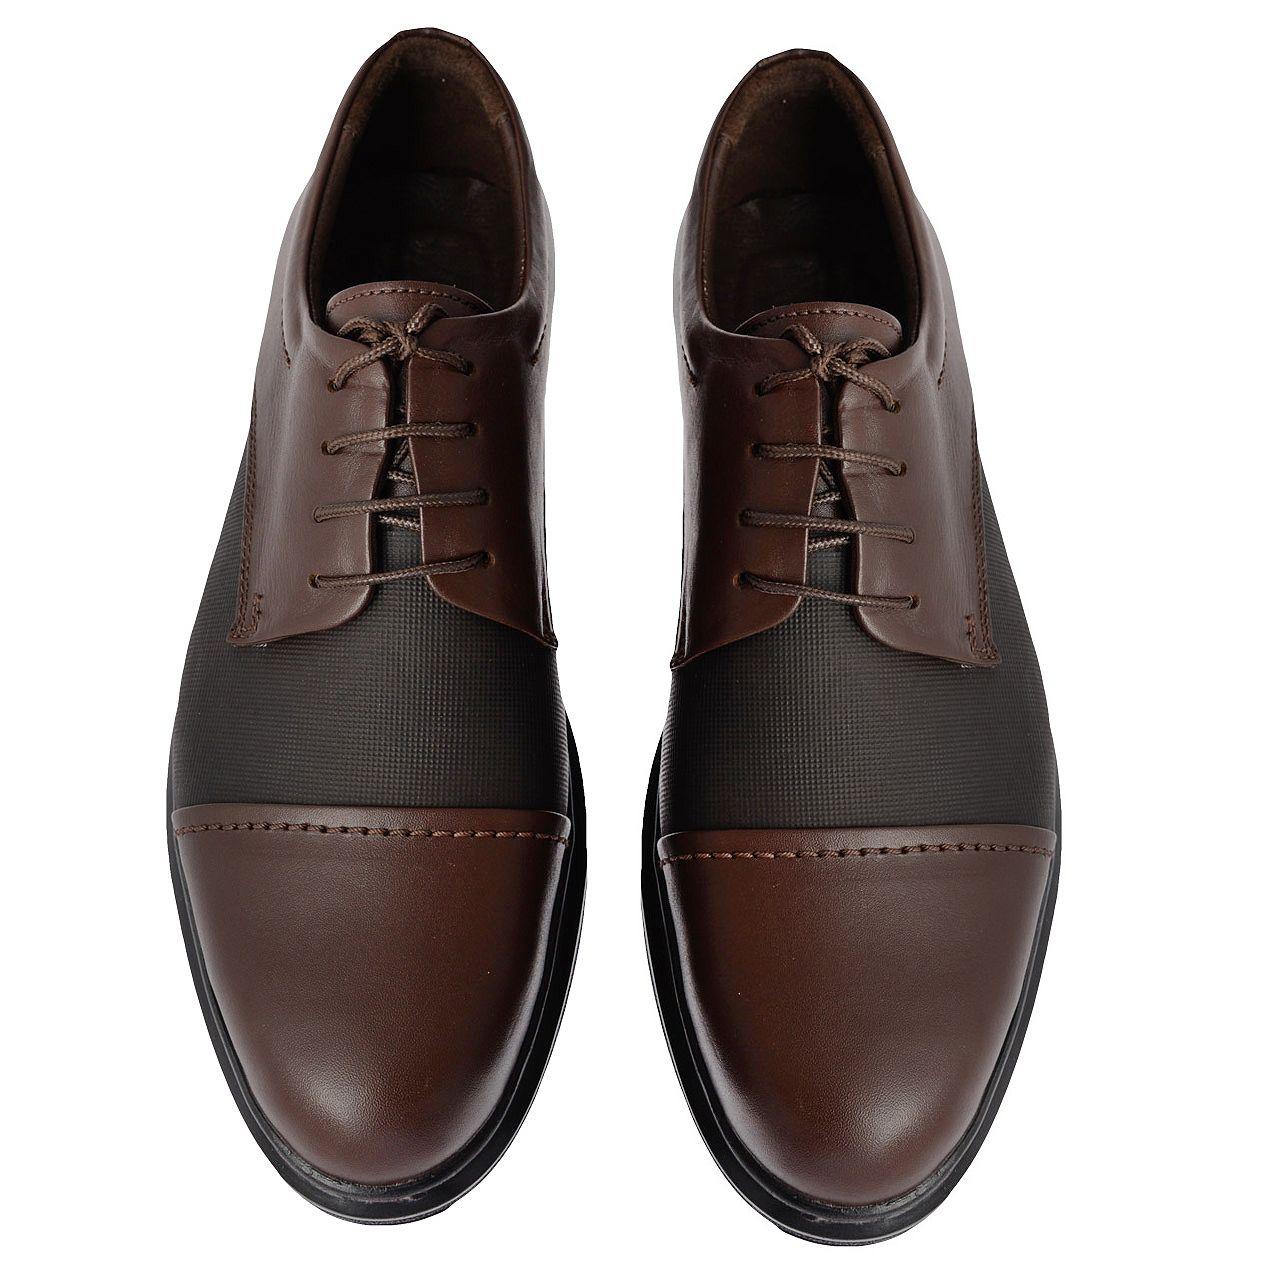 کفش روزمره مردانه کد 324006708 -  - 5